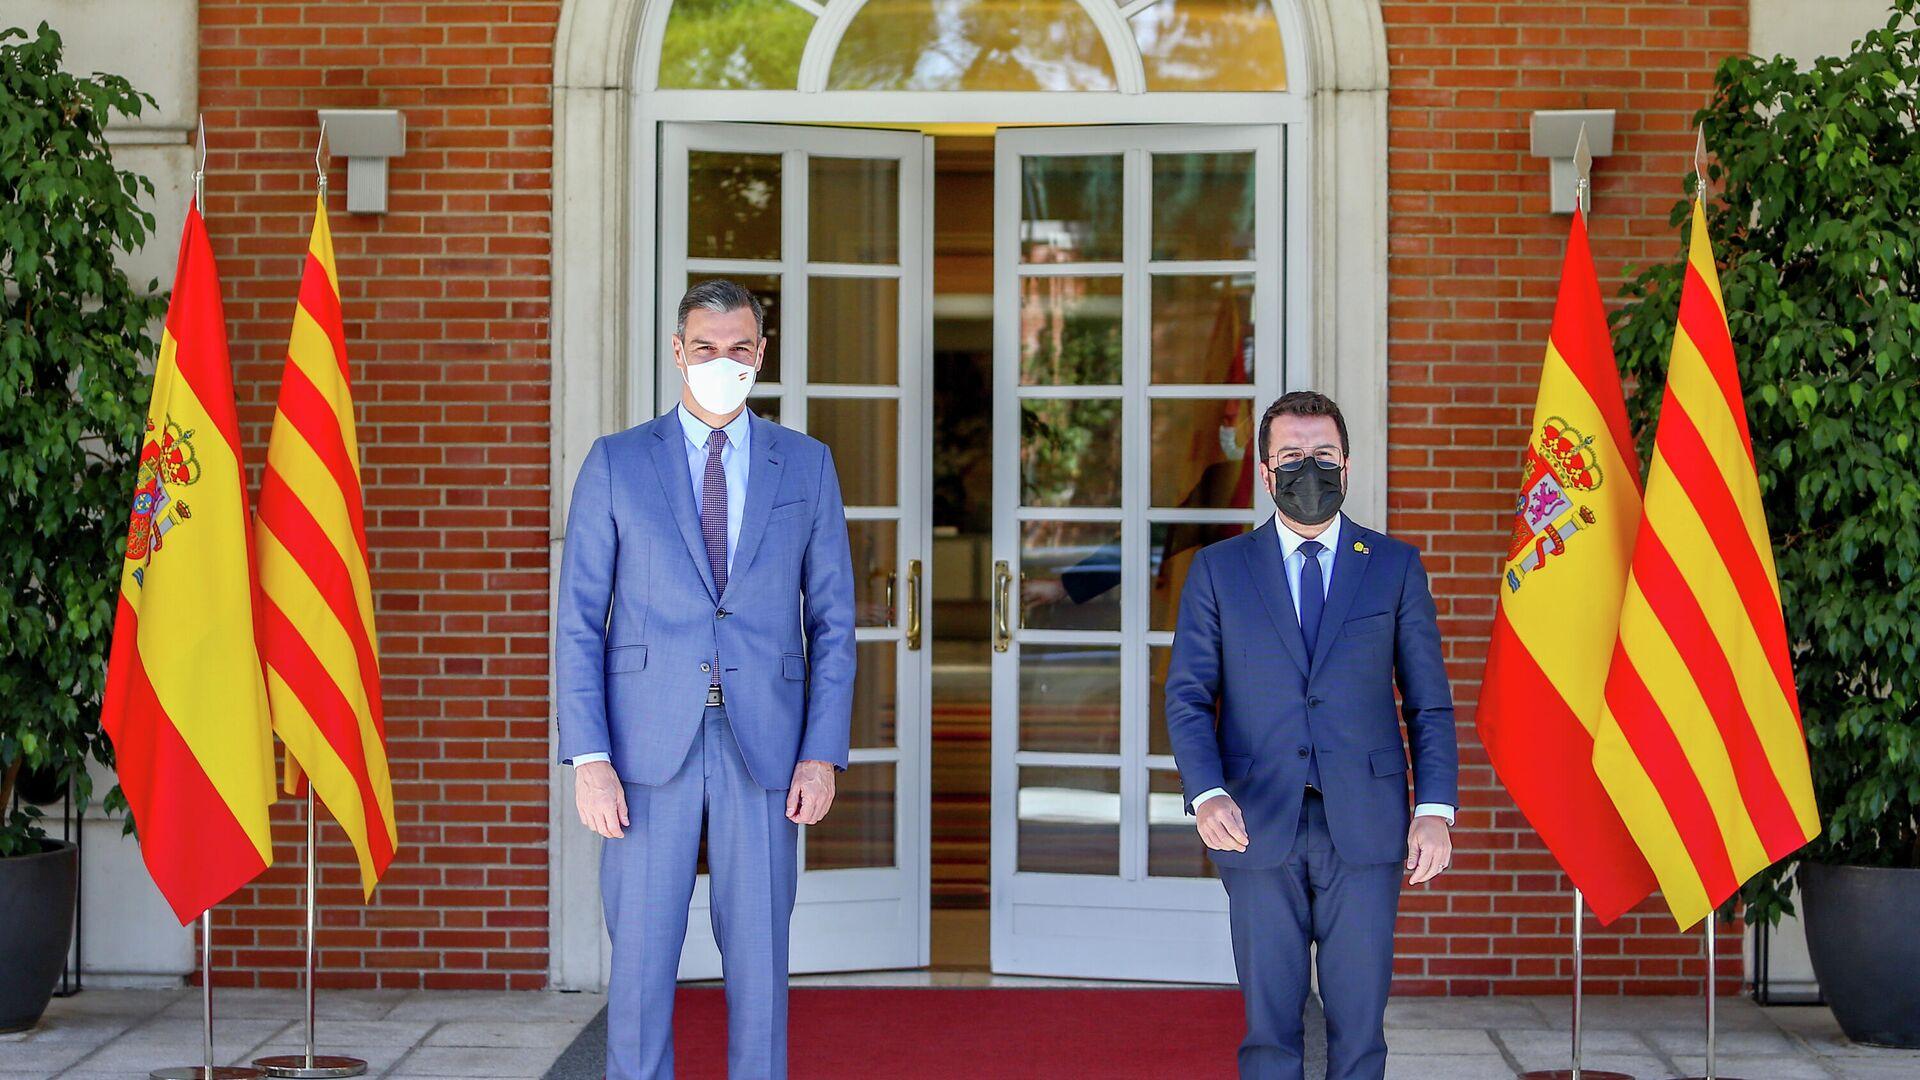 El presidente del Gobierno, Pedro Sánchez y el president de la Generalitat de Catalunya, Pere Aragonès (archivo) - Sputnik Mundo, 1920, 15.09.2021